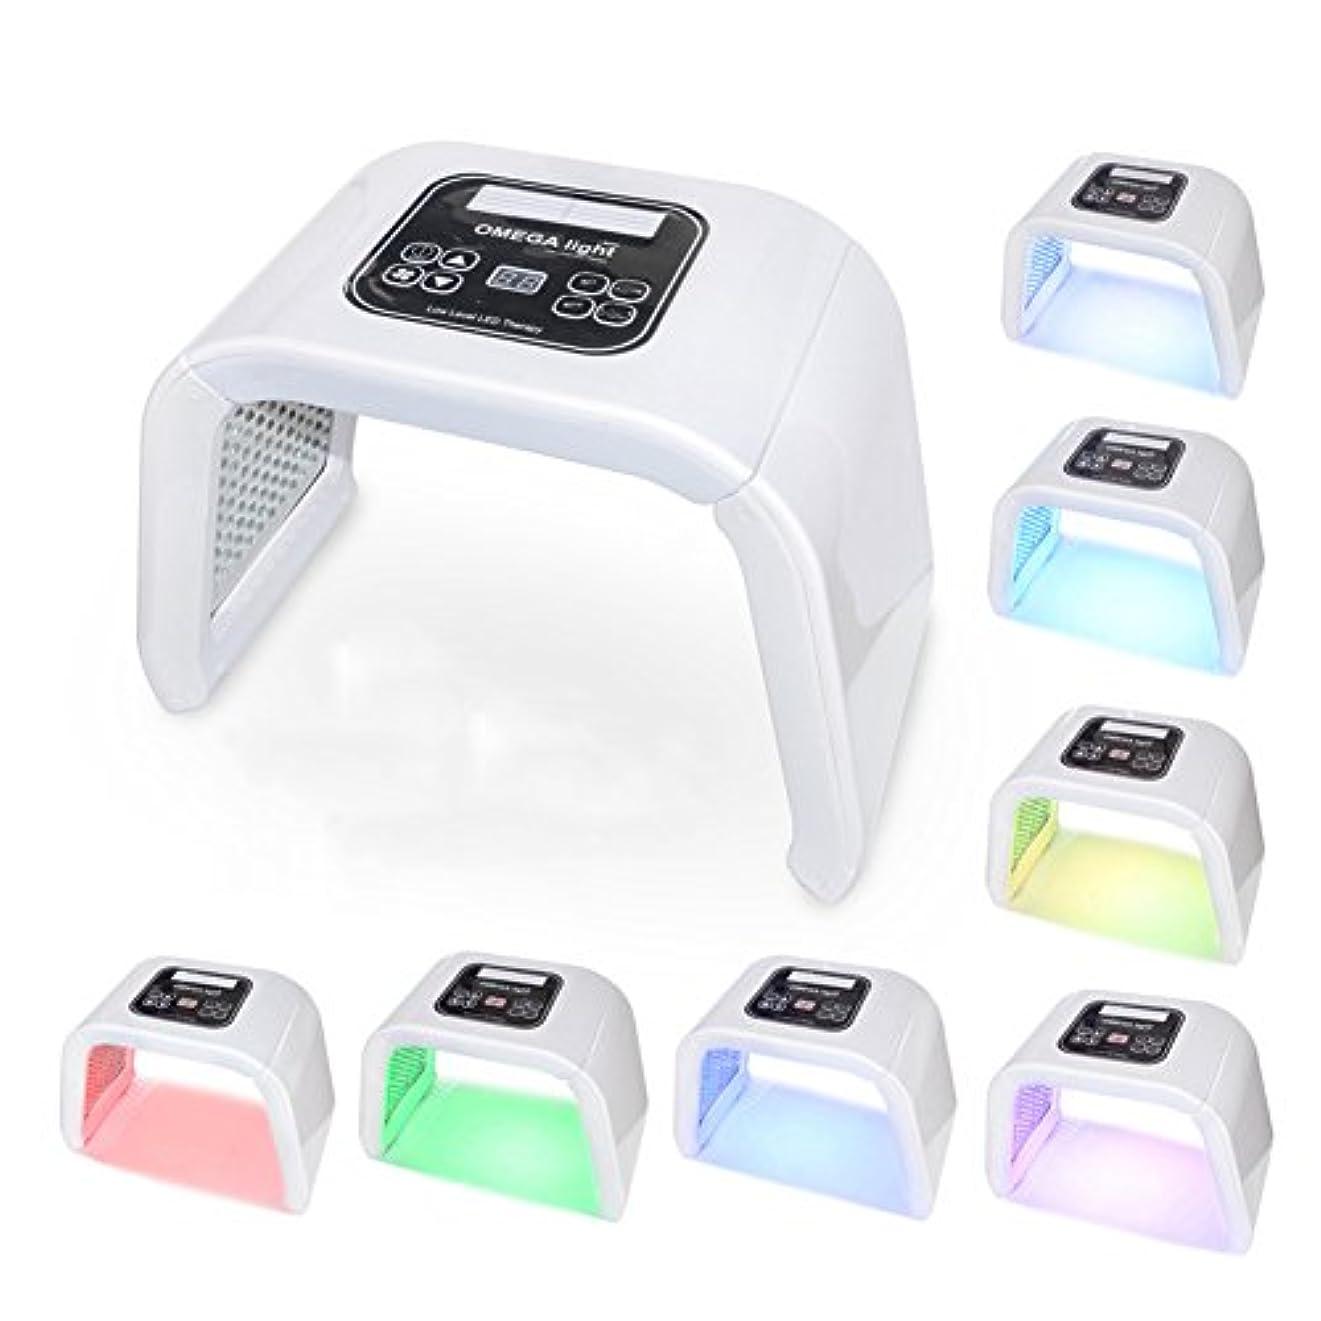 光子治療器7色ライトニキビ美容器具,White